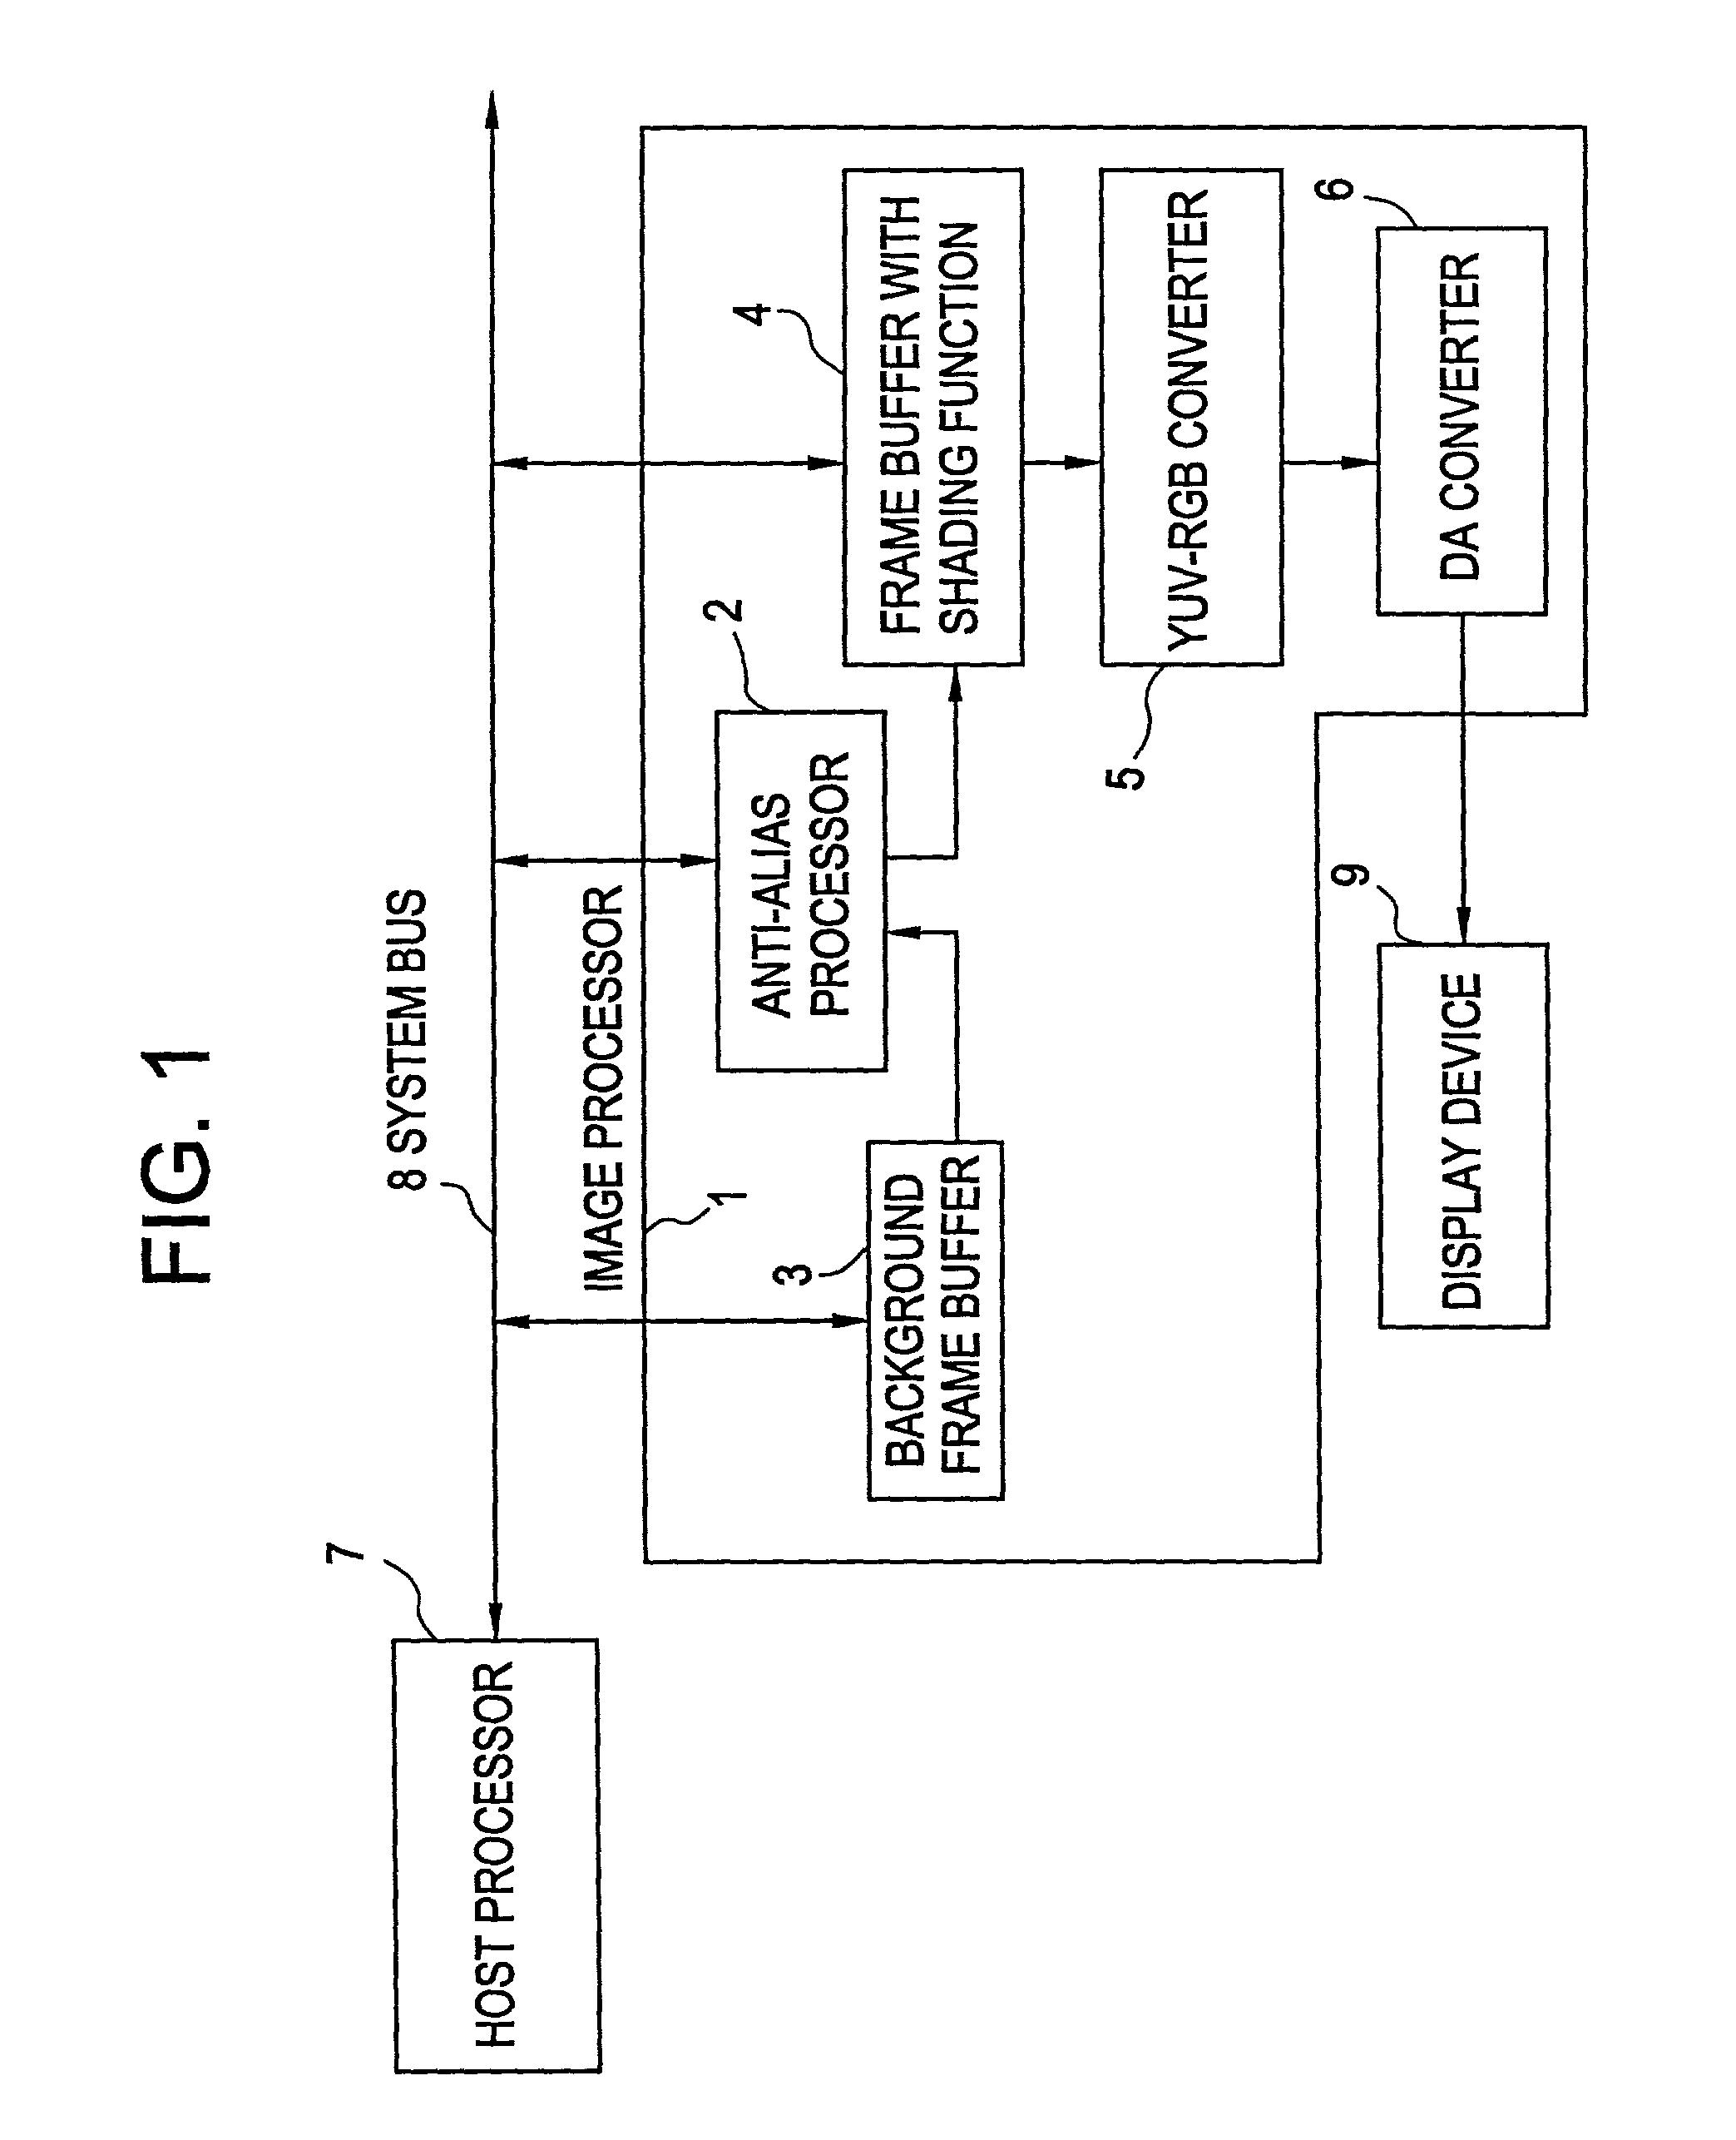 براءة الاختراع US7071951 - Image processor - براءات اختراع Google